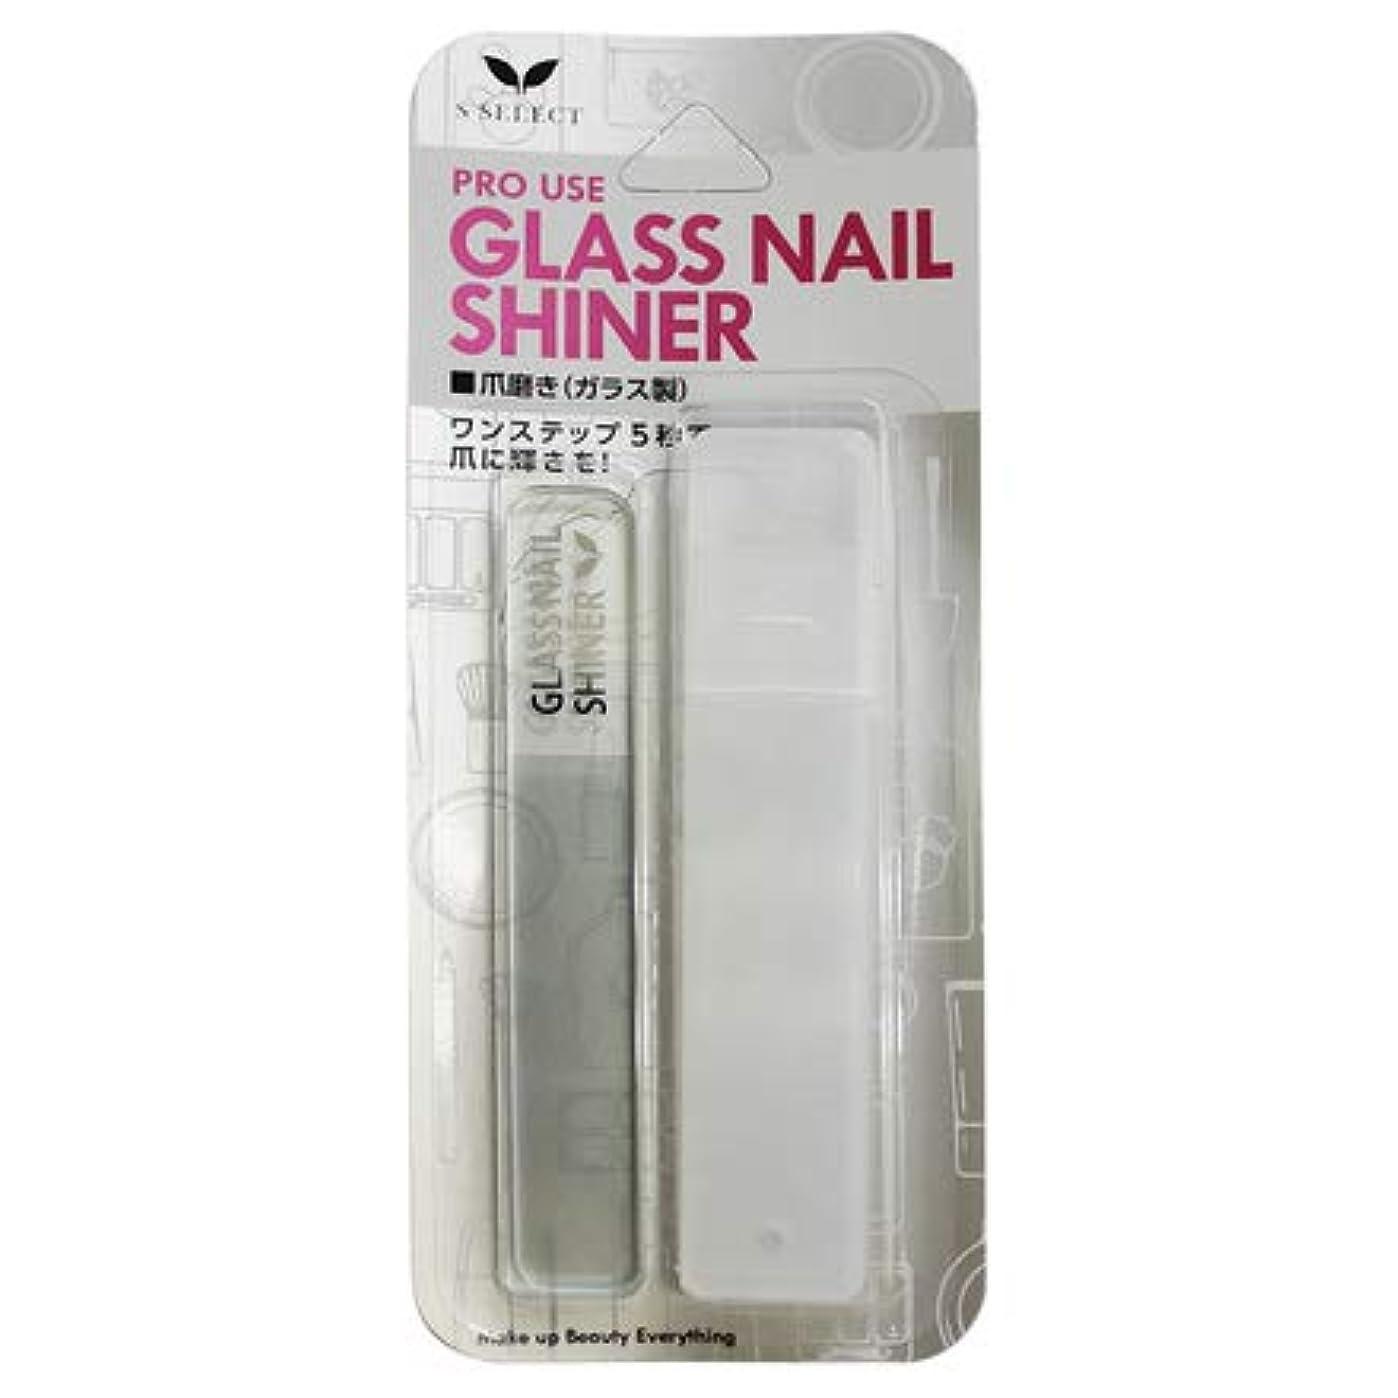 フライト突然のファイアルS SELECT エスセレクト PRO USE GLASS NAIL SHINER グラスネイルシャイナー 爪磨き ガラス製